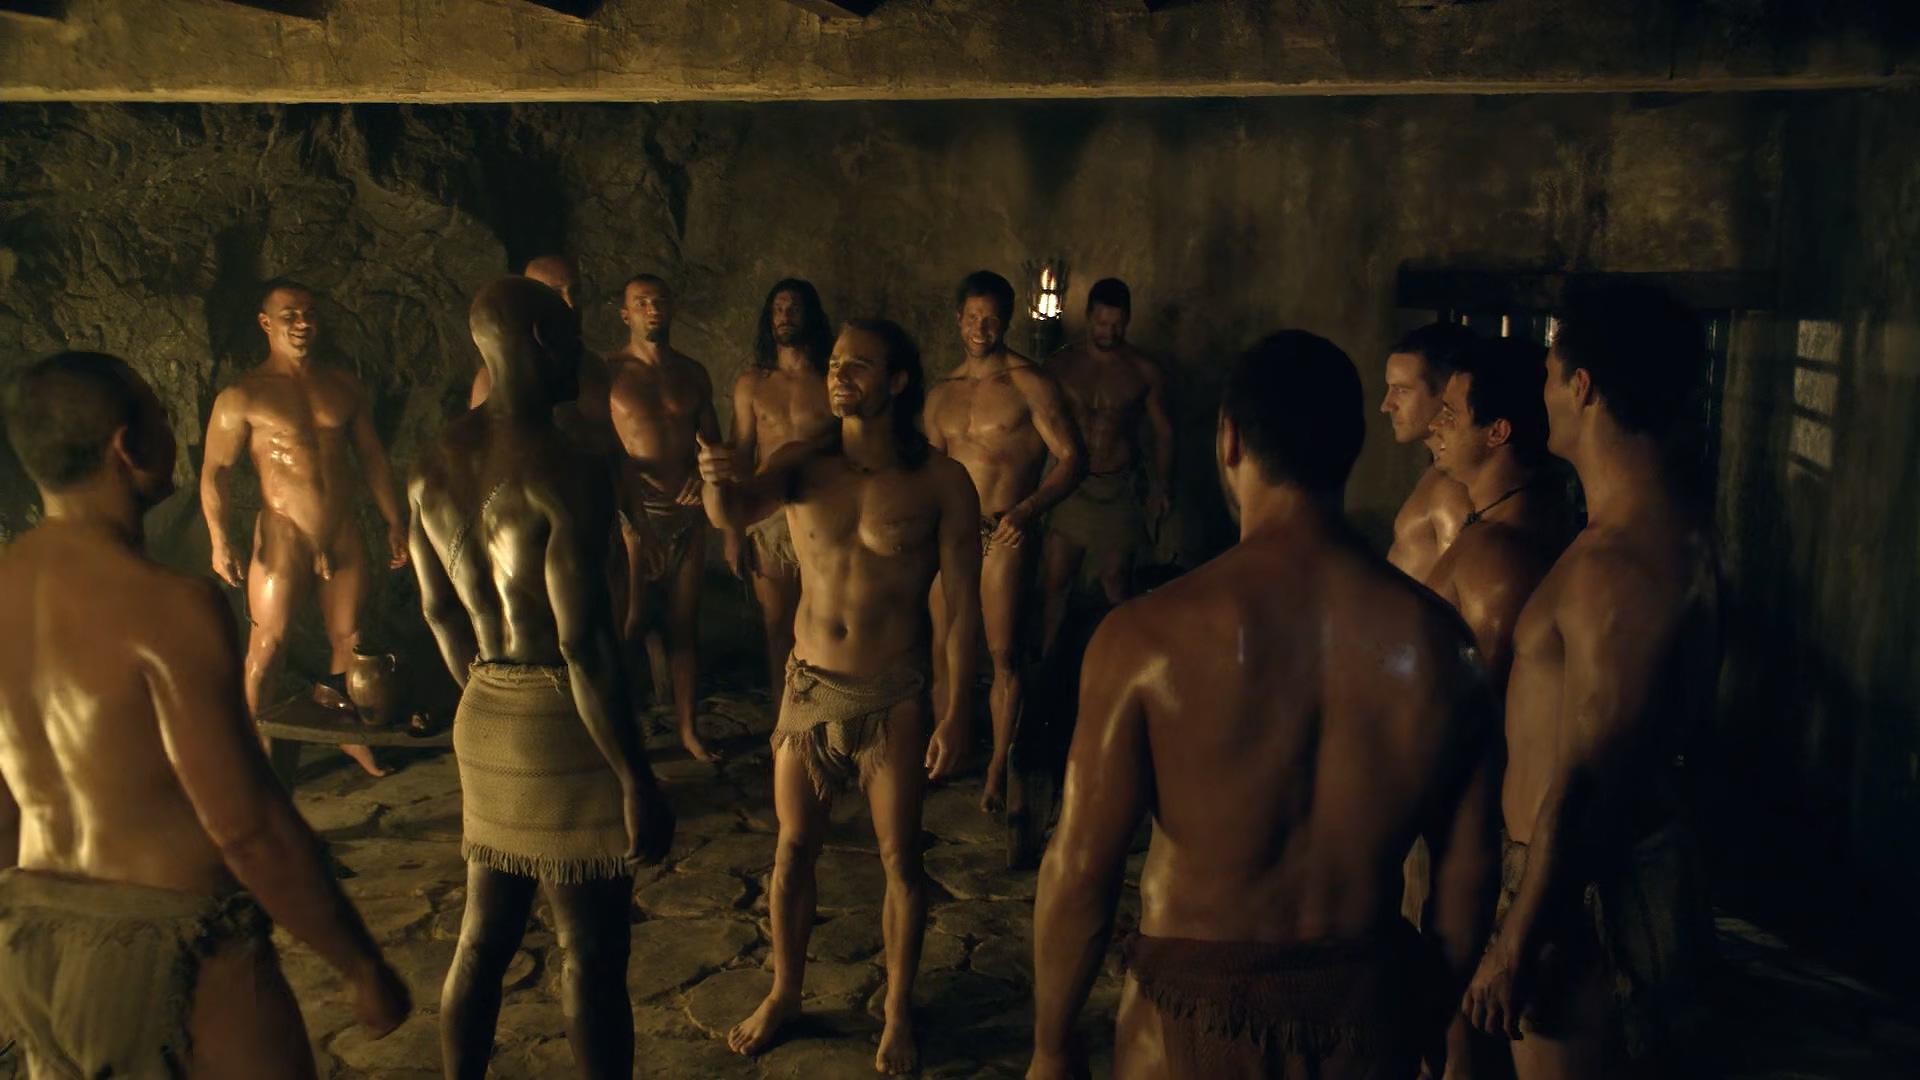 Spartacus Nude Gay